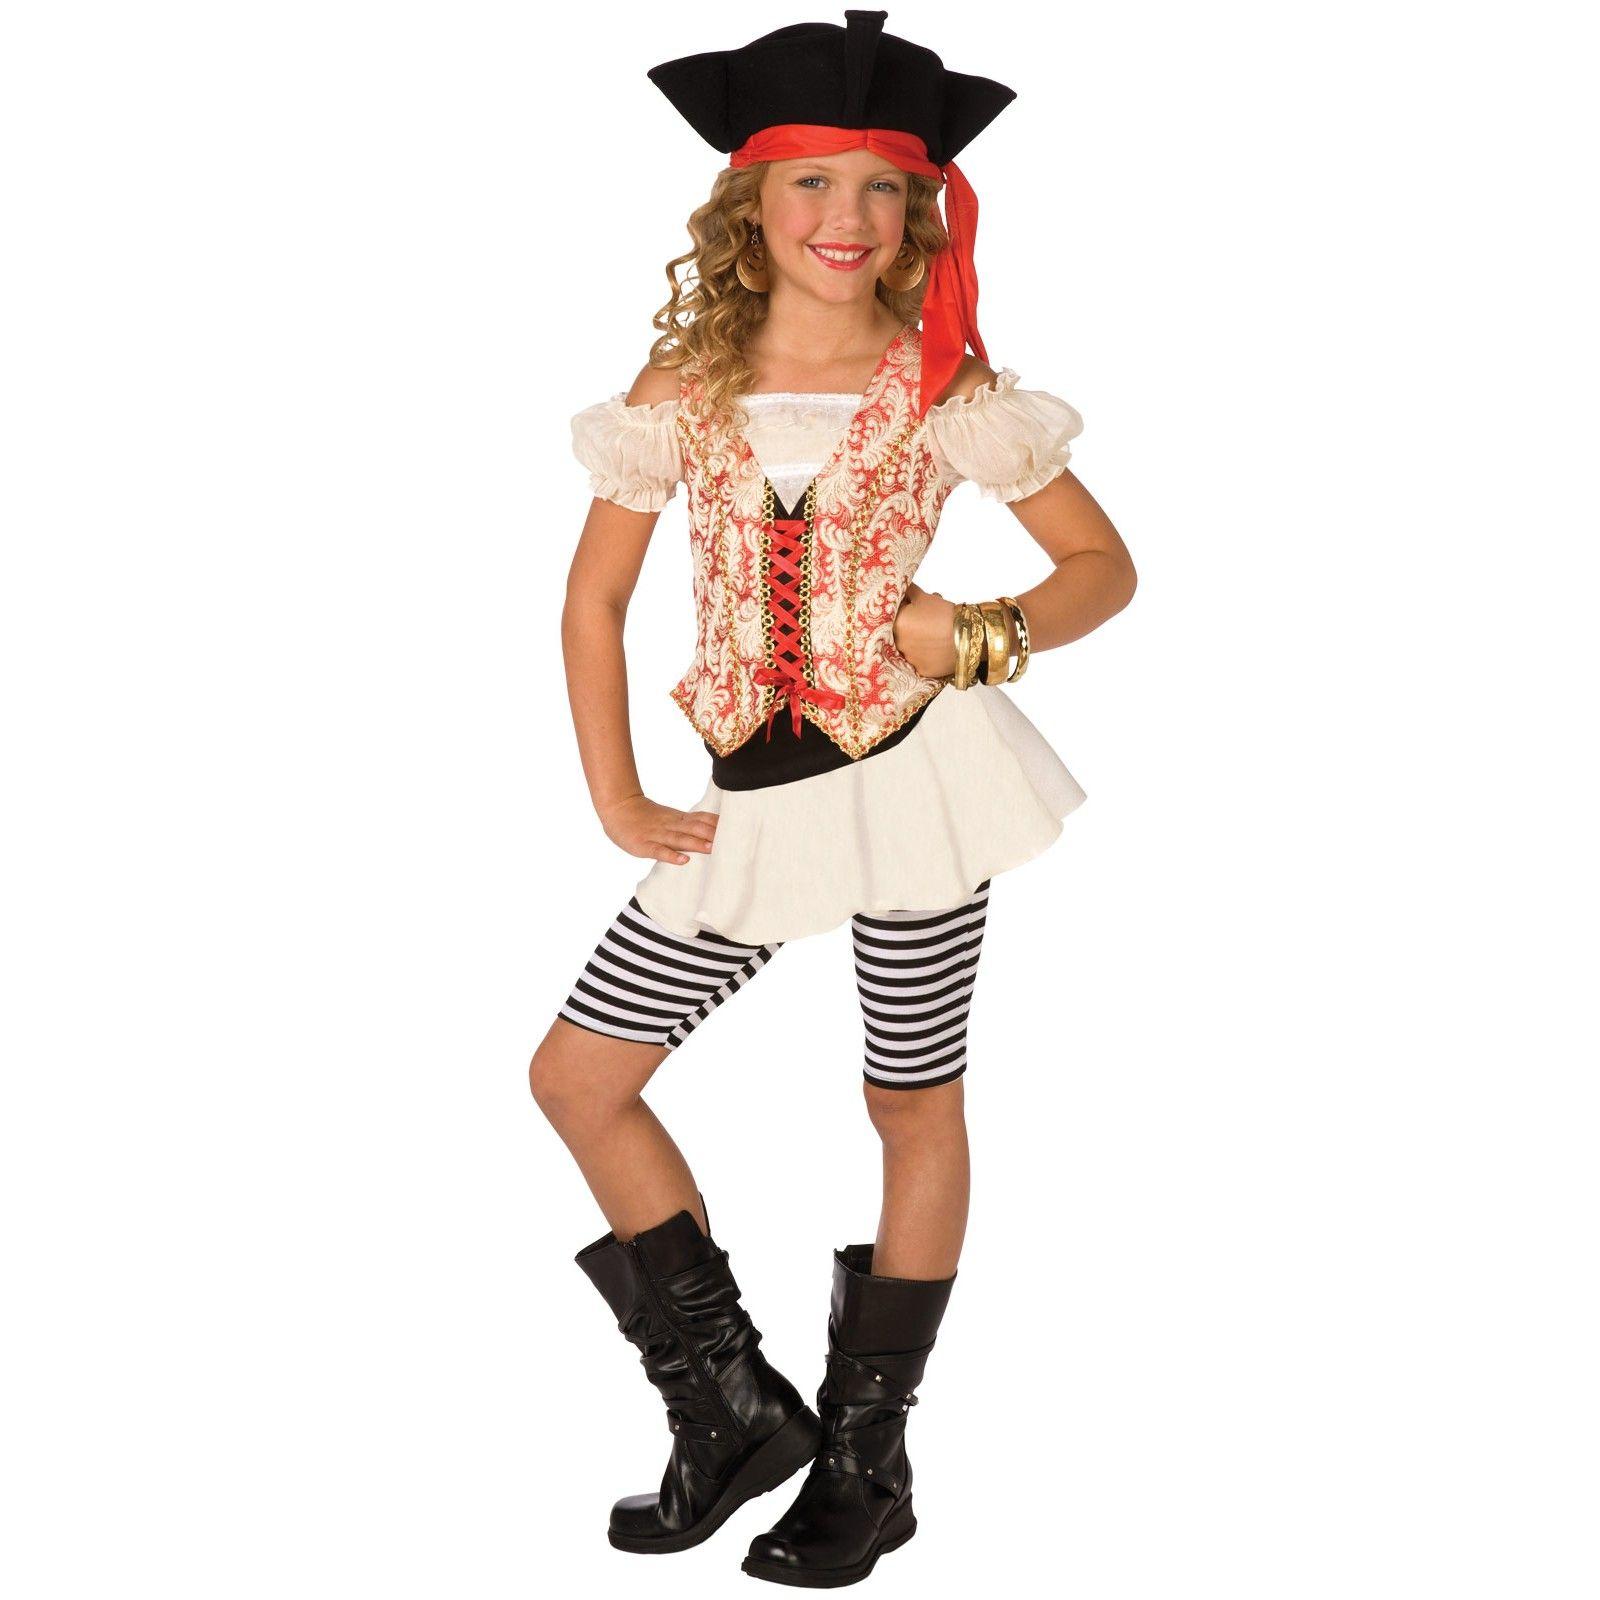 swashbuckler child costume pirate costumeshalloween - Teenage Girl Pirate Halloween Costumes